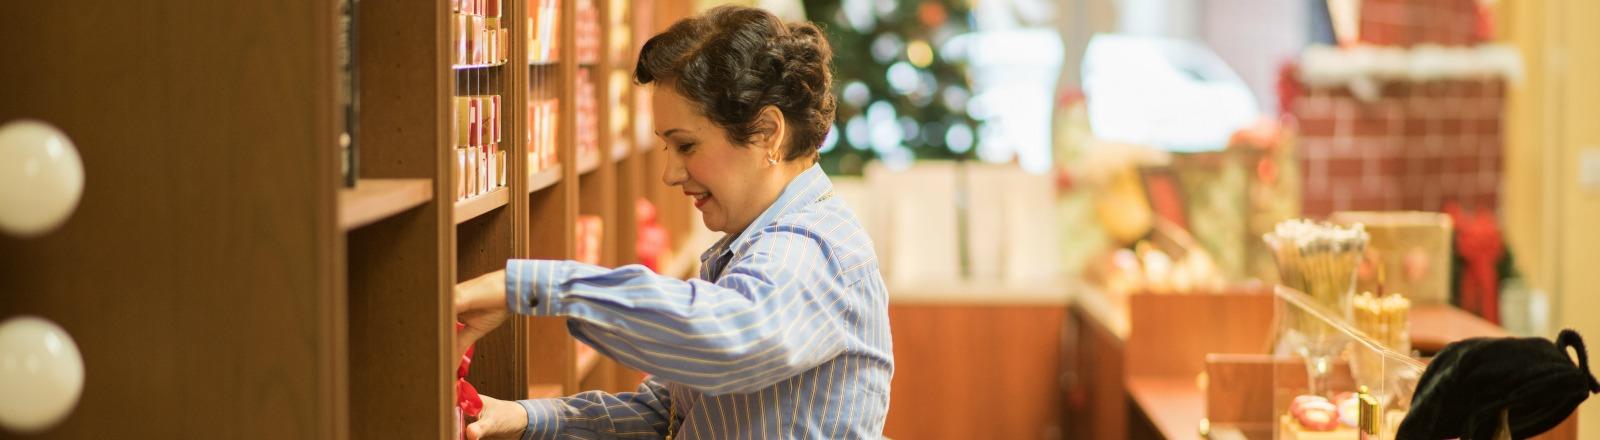 3 reasons term loans are better for women entrepreneurs